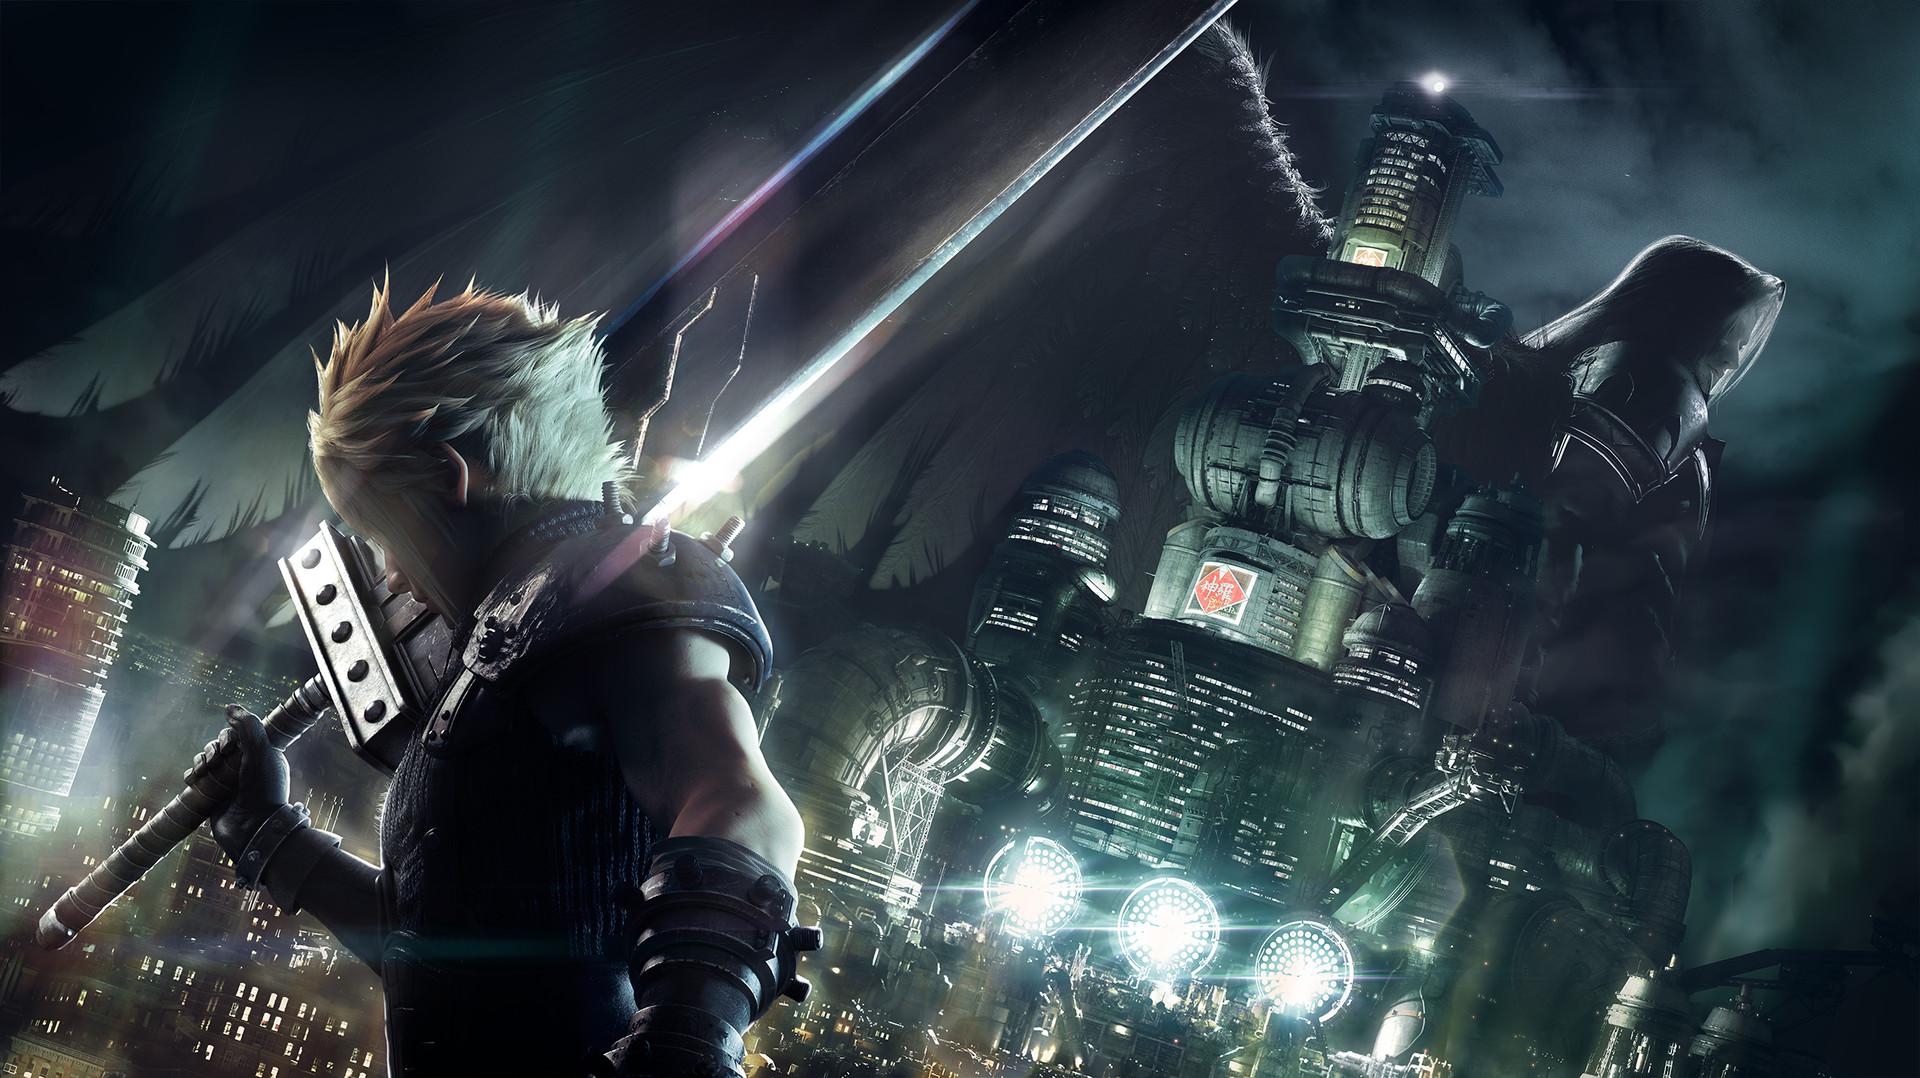 Final Fantasy VII Remake : Episode 4 d'Inside sur les musiques et effets sonores